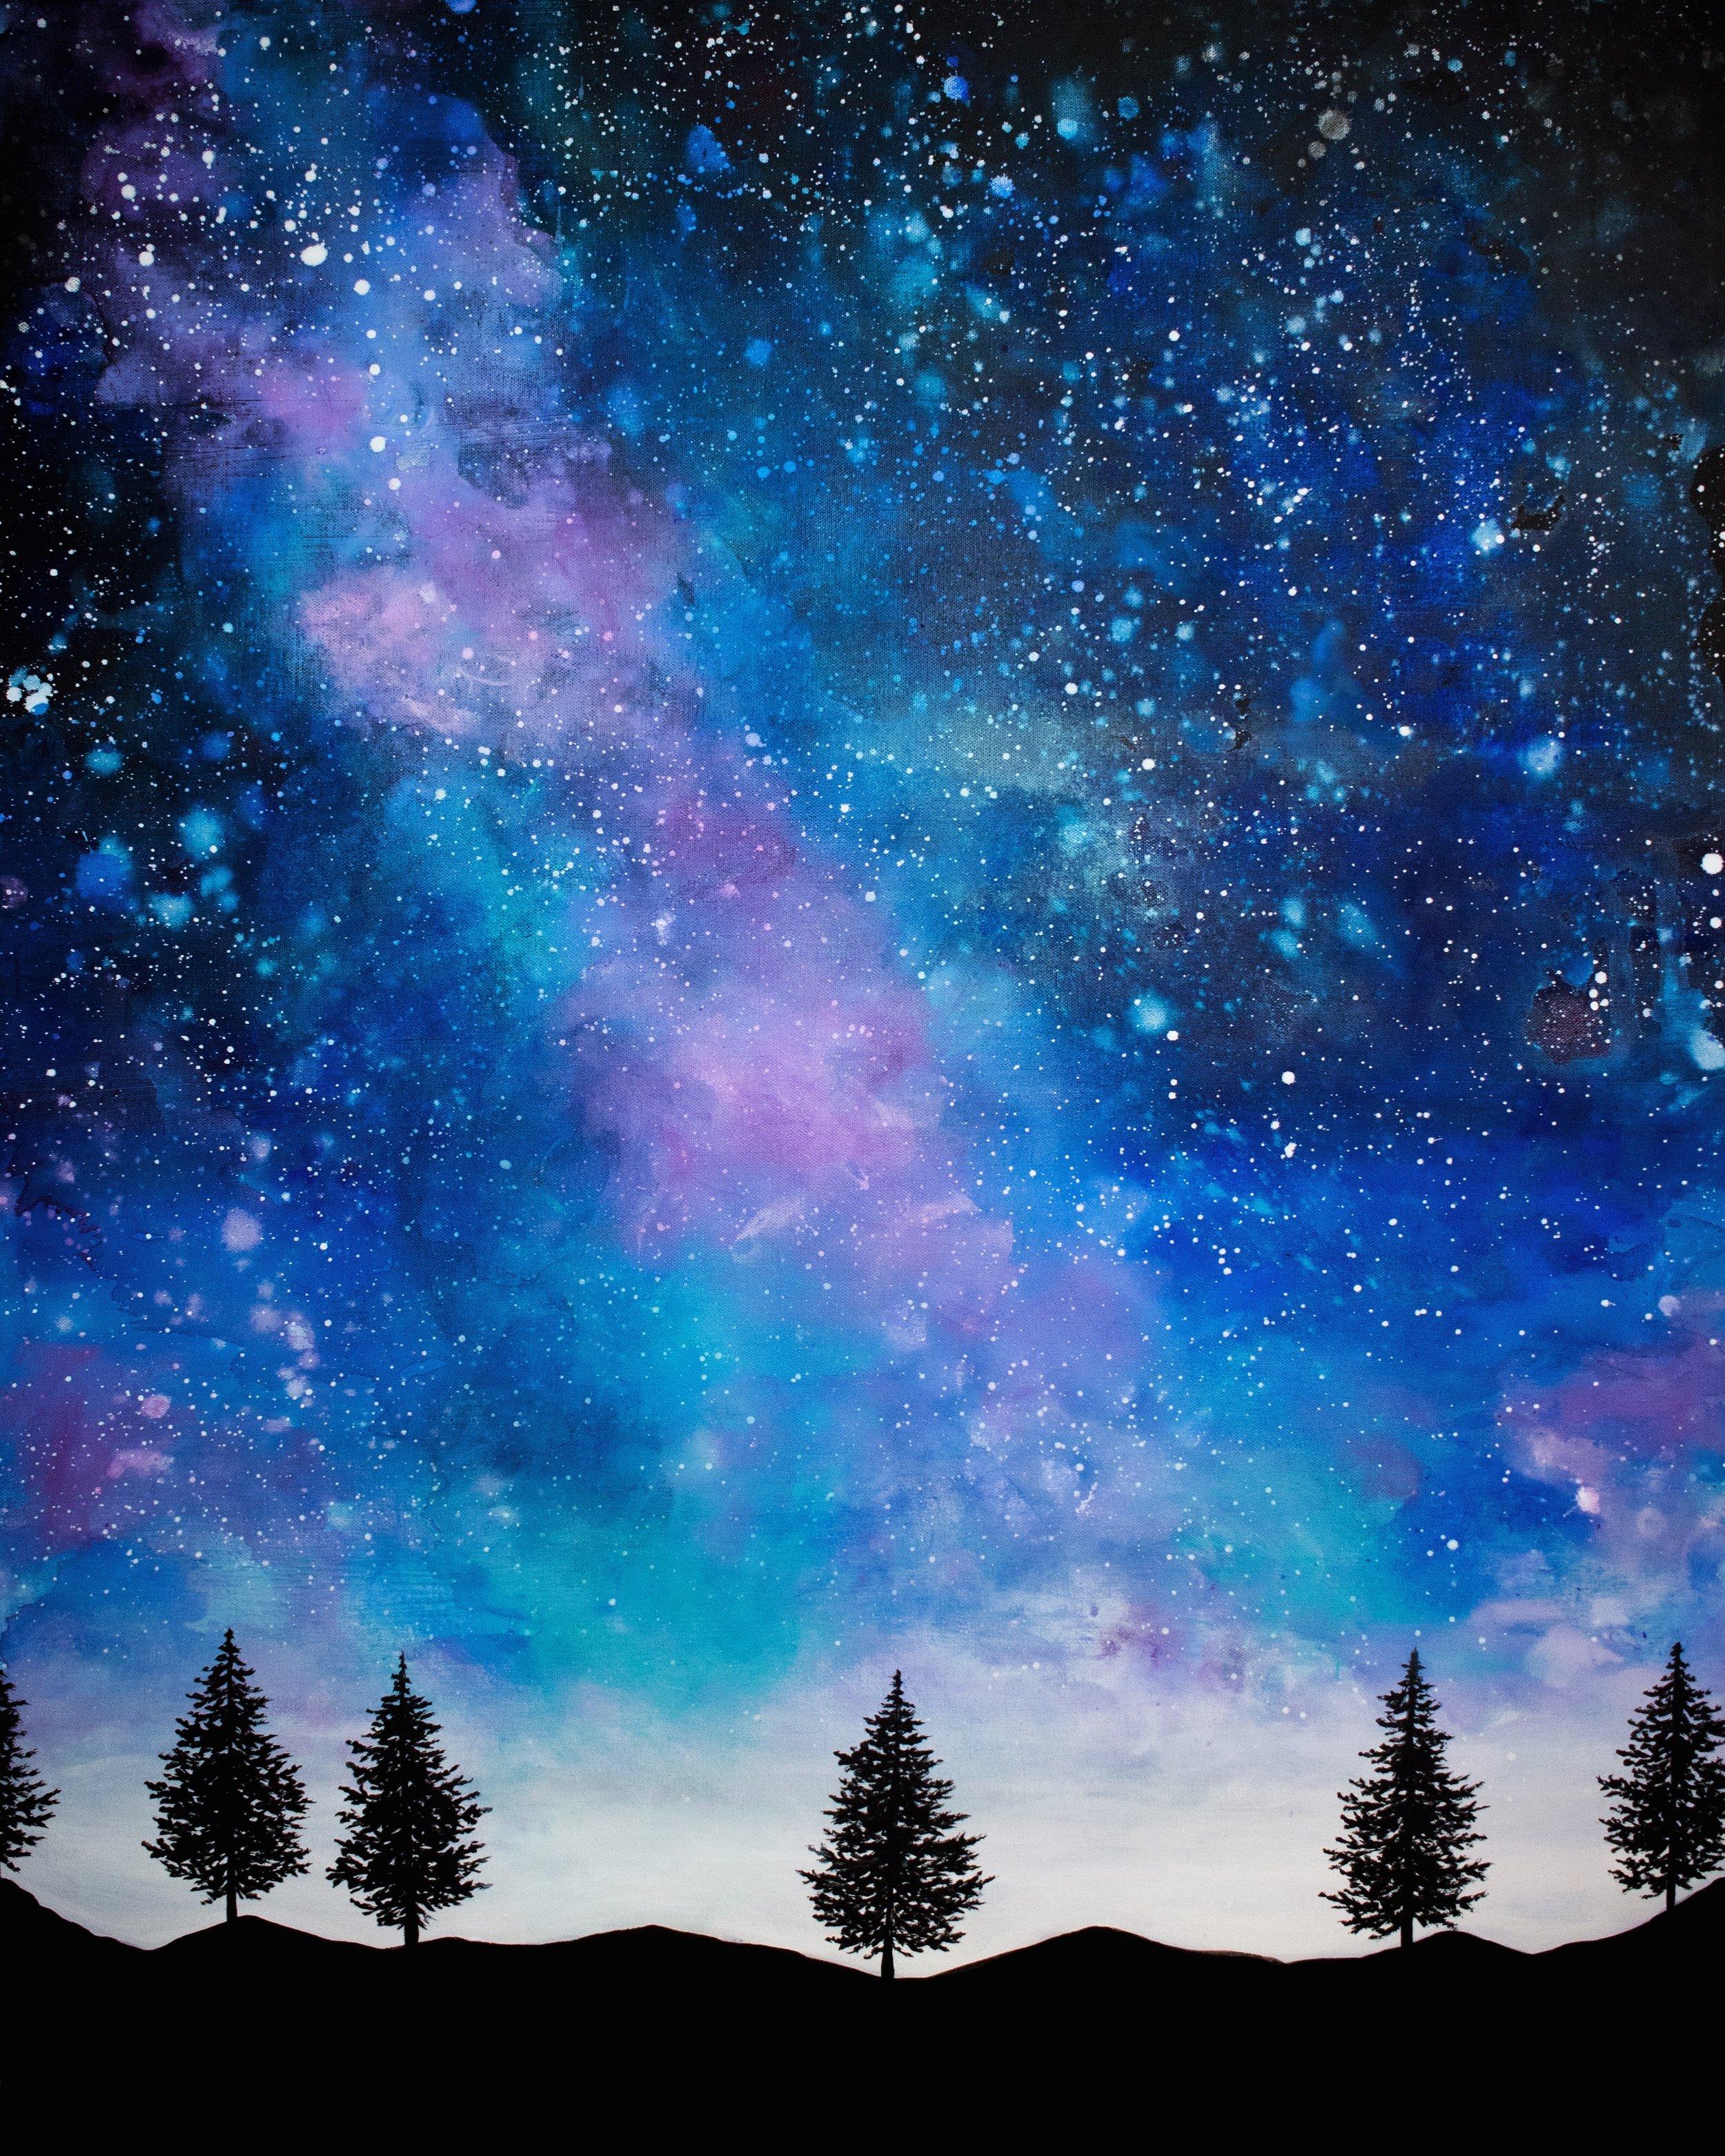 night sky painting milky way.jpg